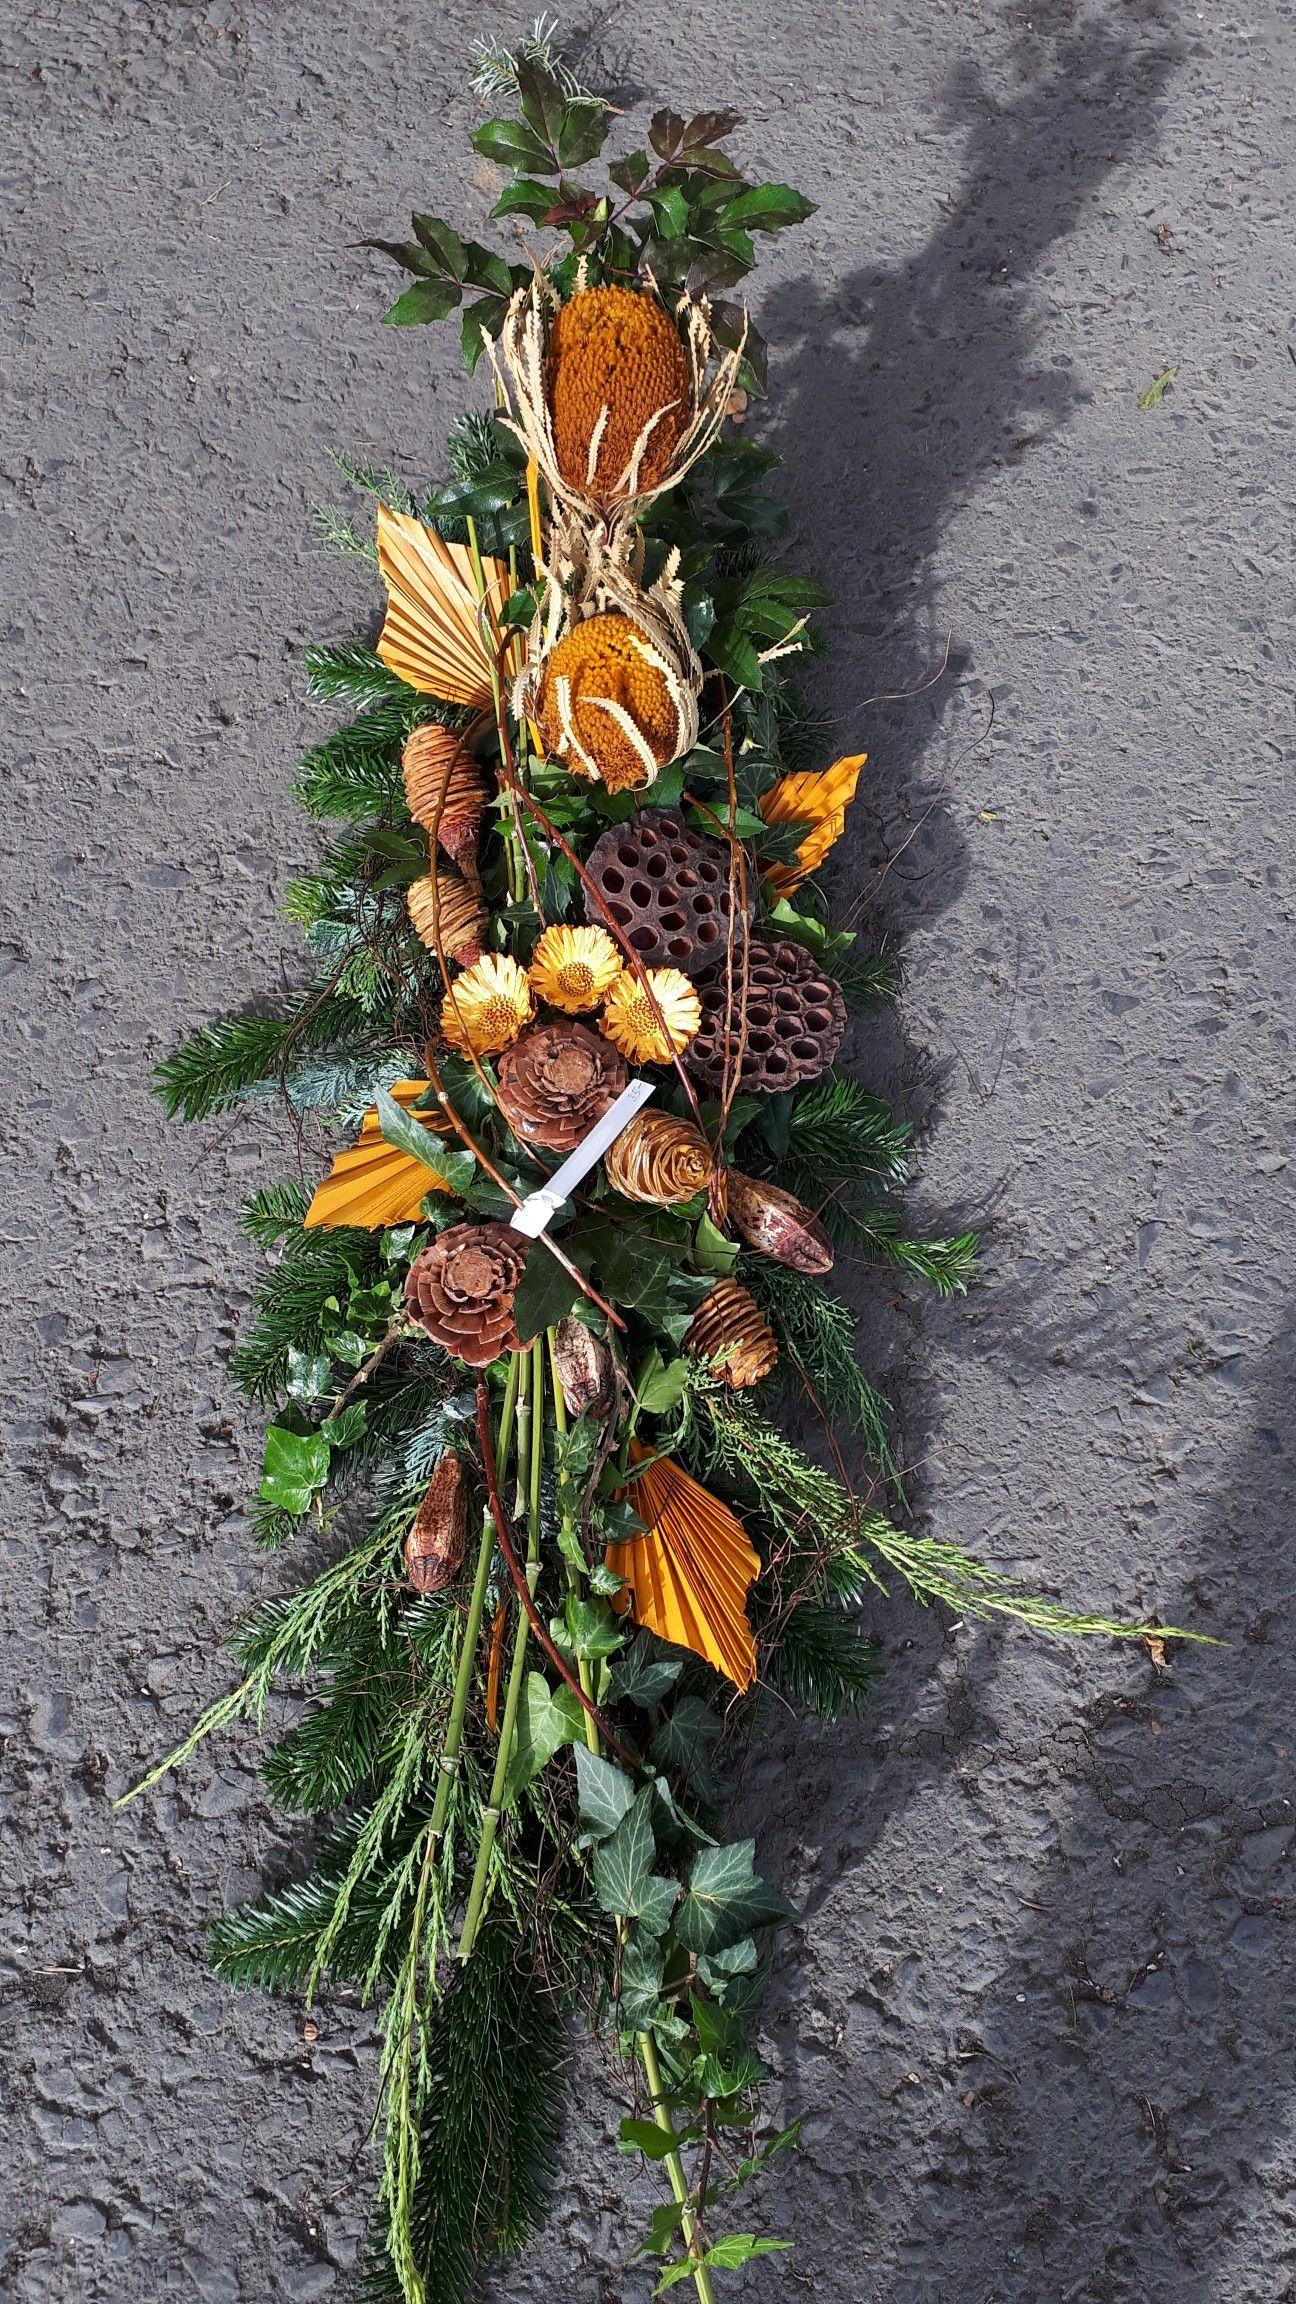 #friedhofsdekorationenallerheiligen